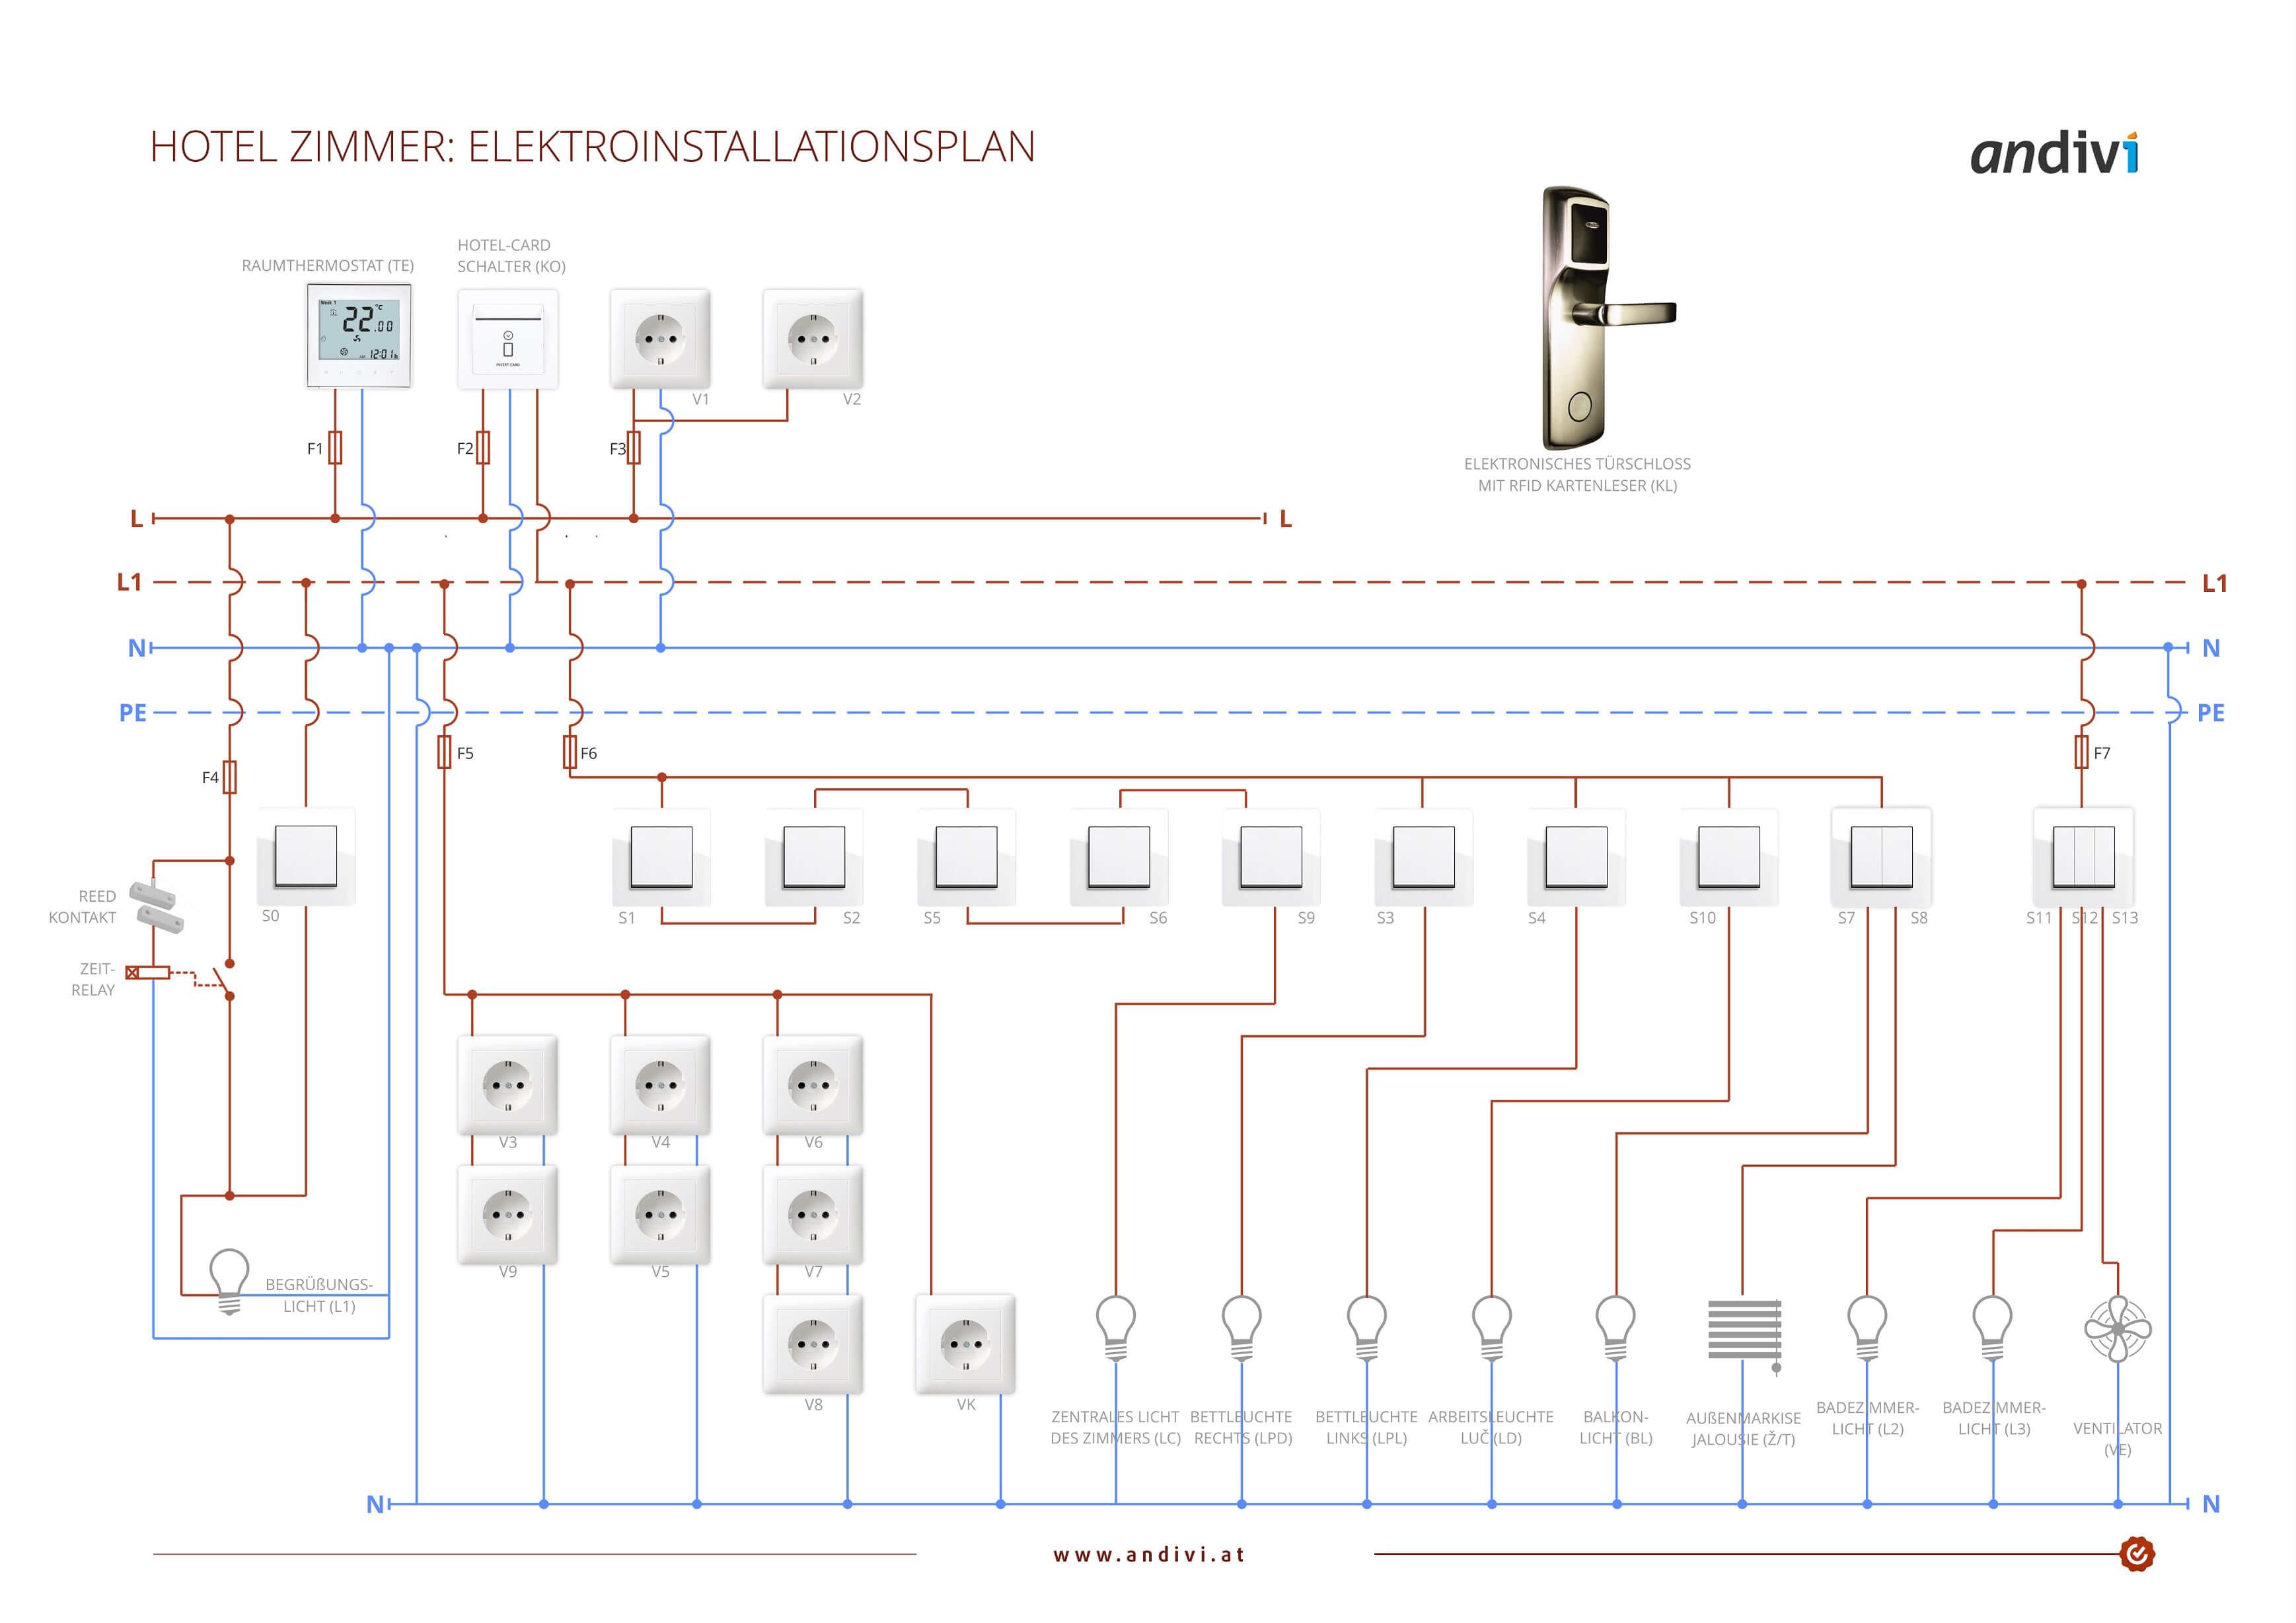 Inteligentes Hotel Zimmer - Hotel Automation - Elektroinstallationen